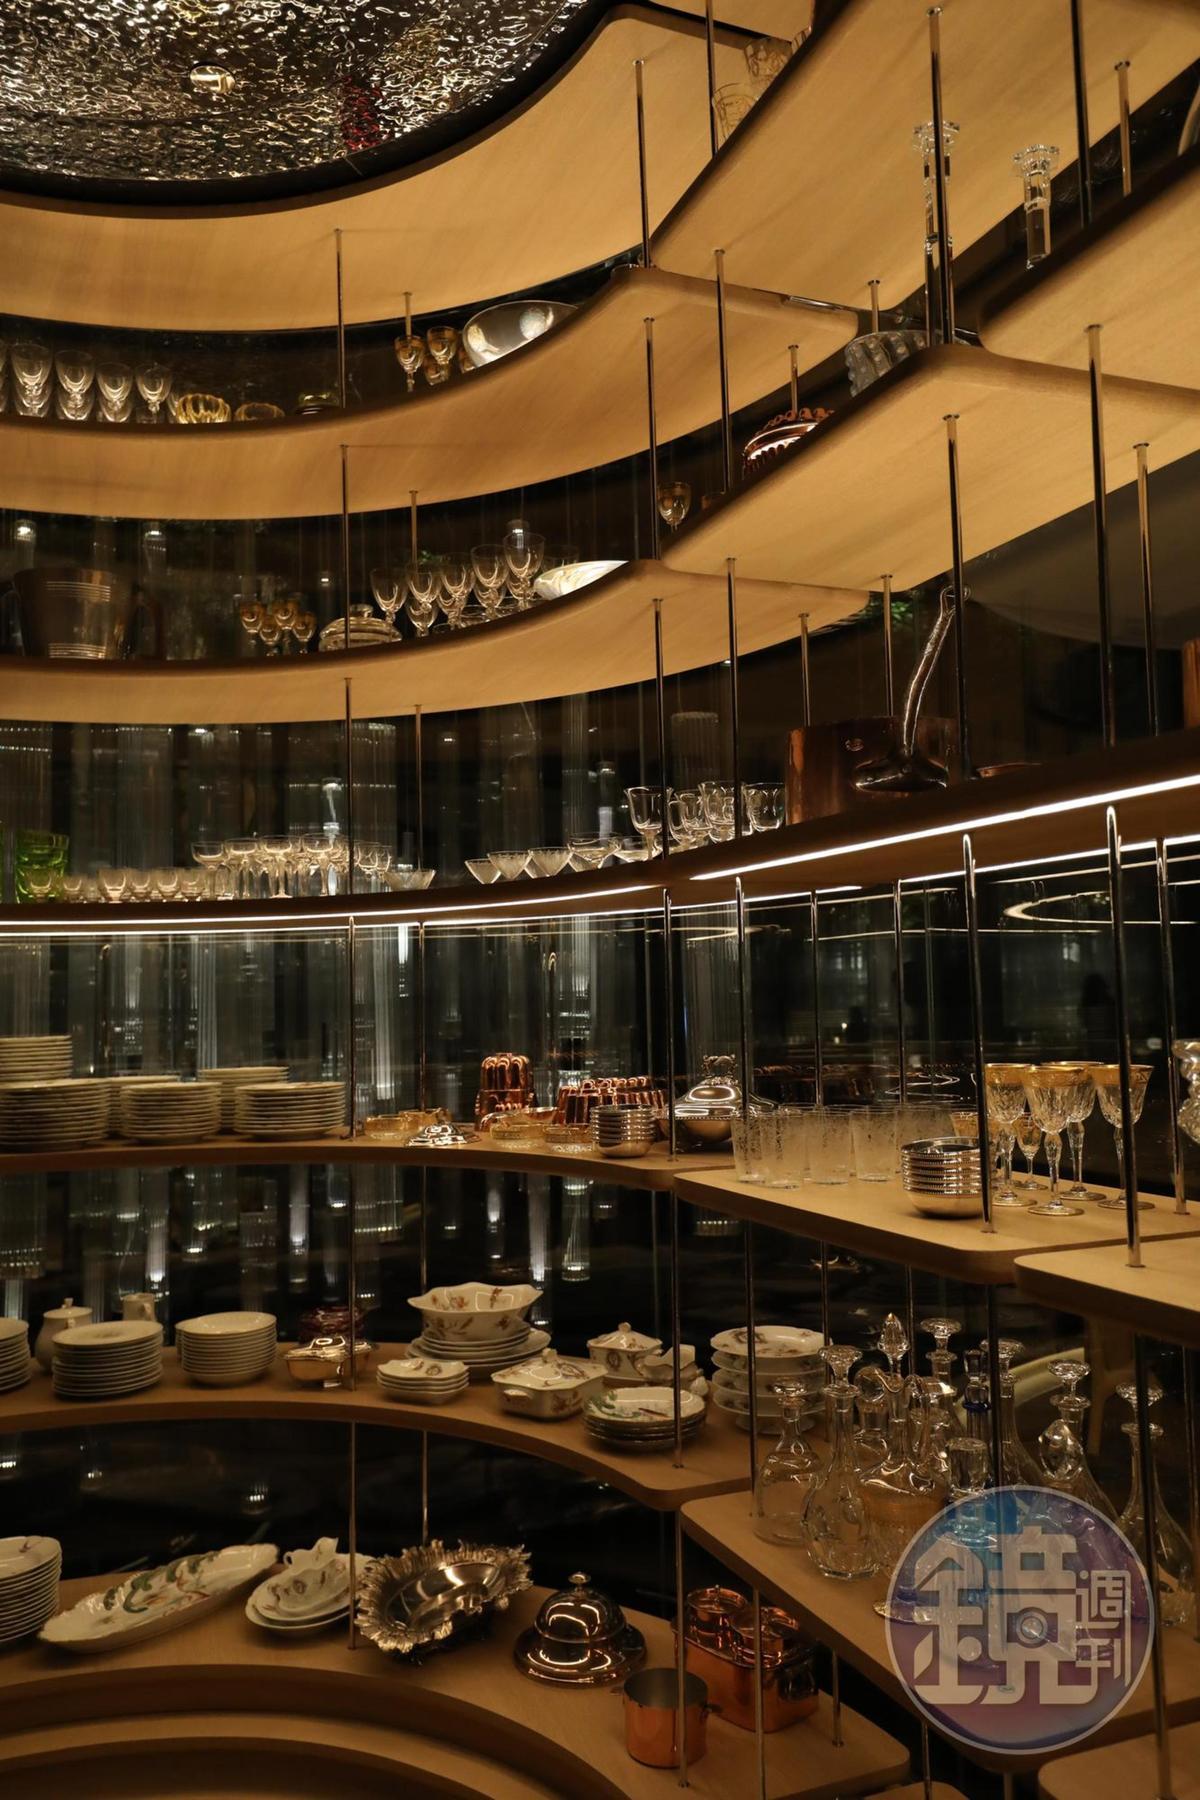 展示櫃裡的每一樣杜卡斯珍藏廚具,都值得細細追究來歷。